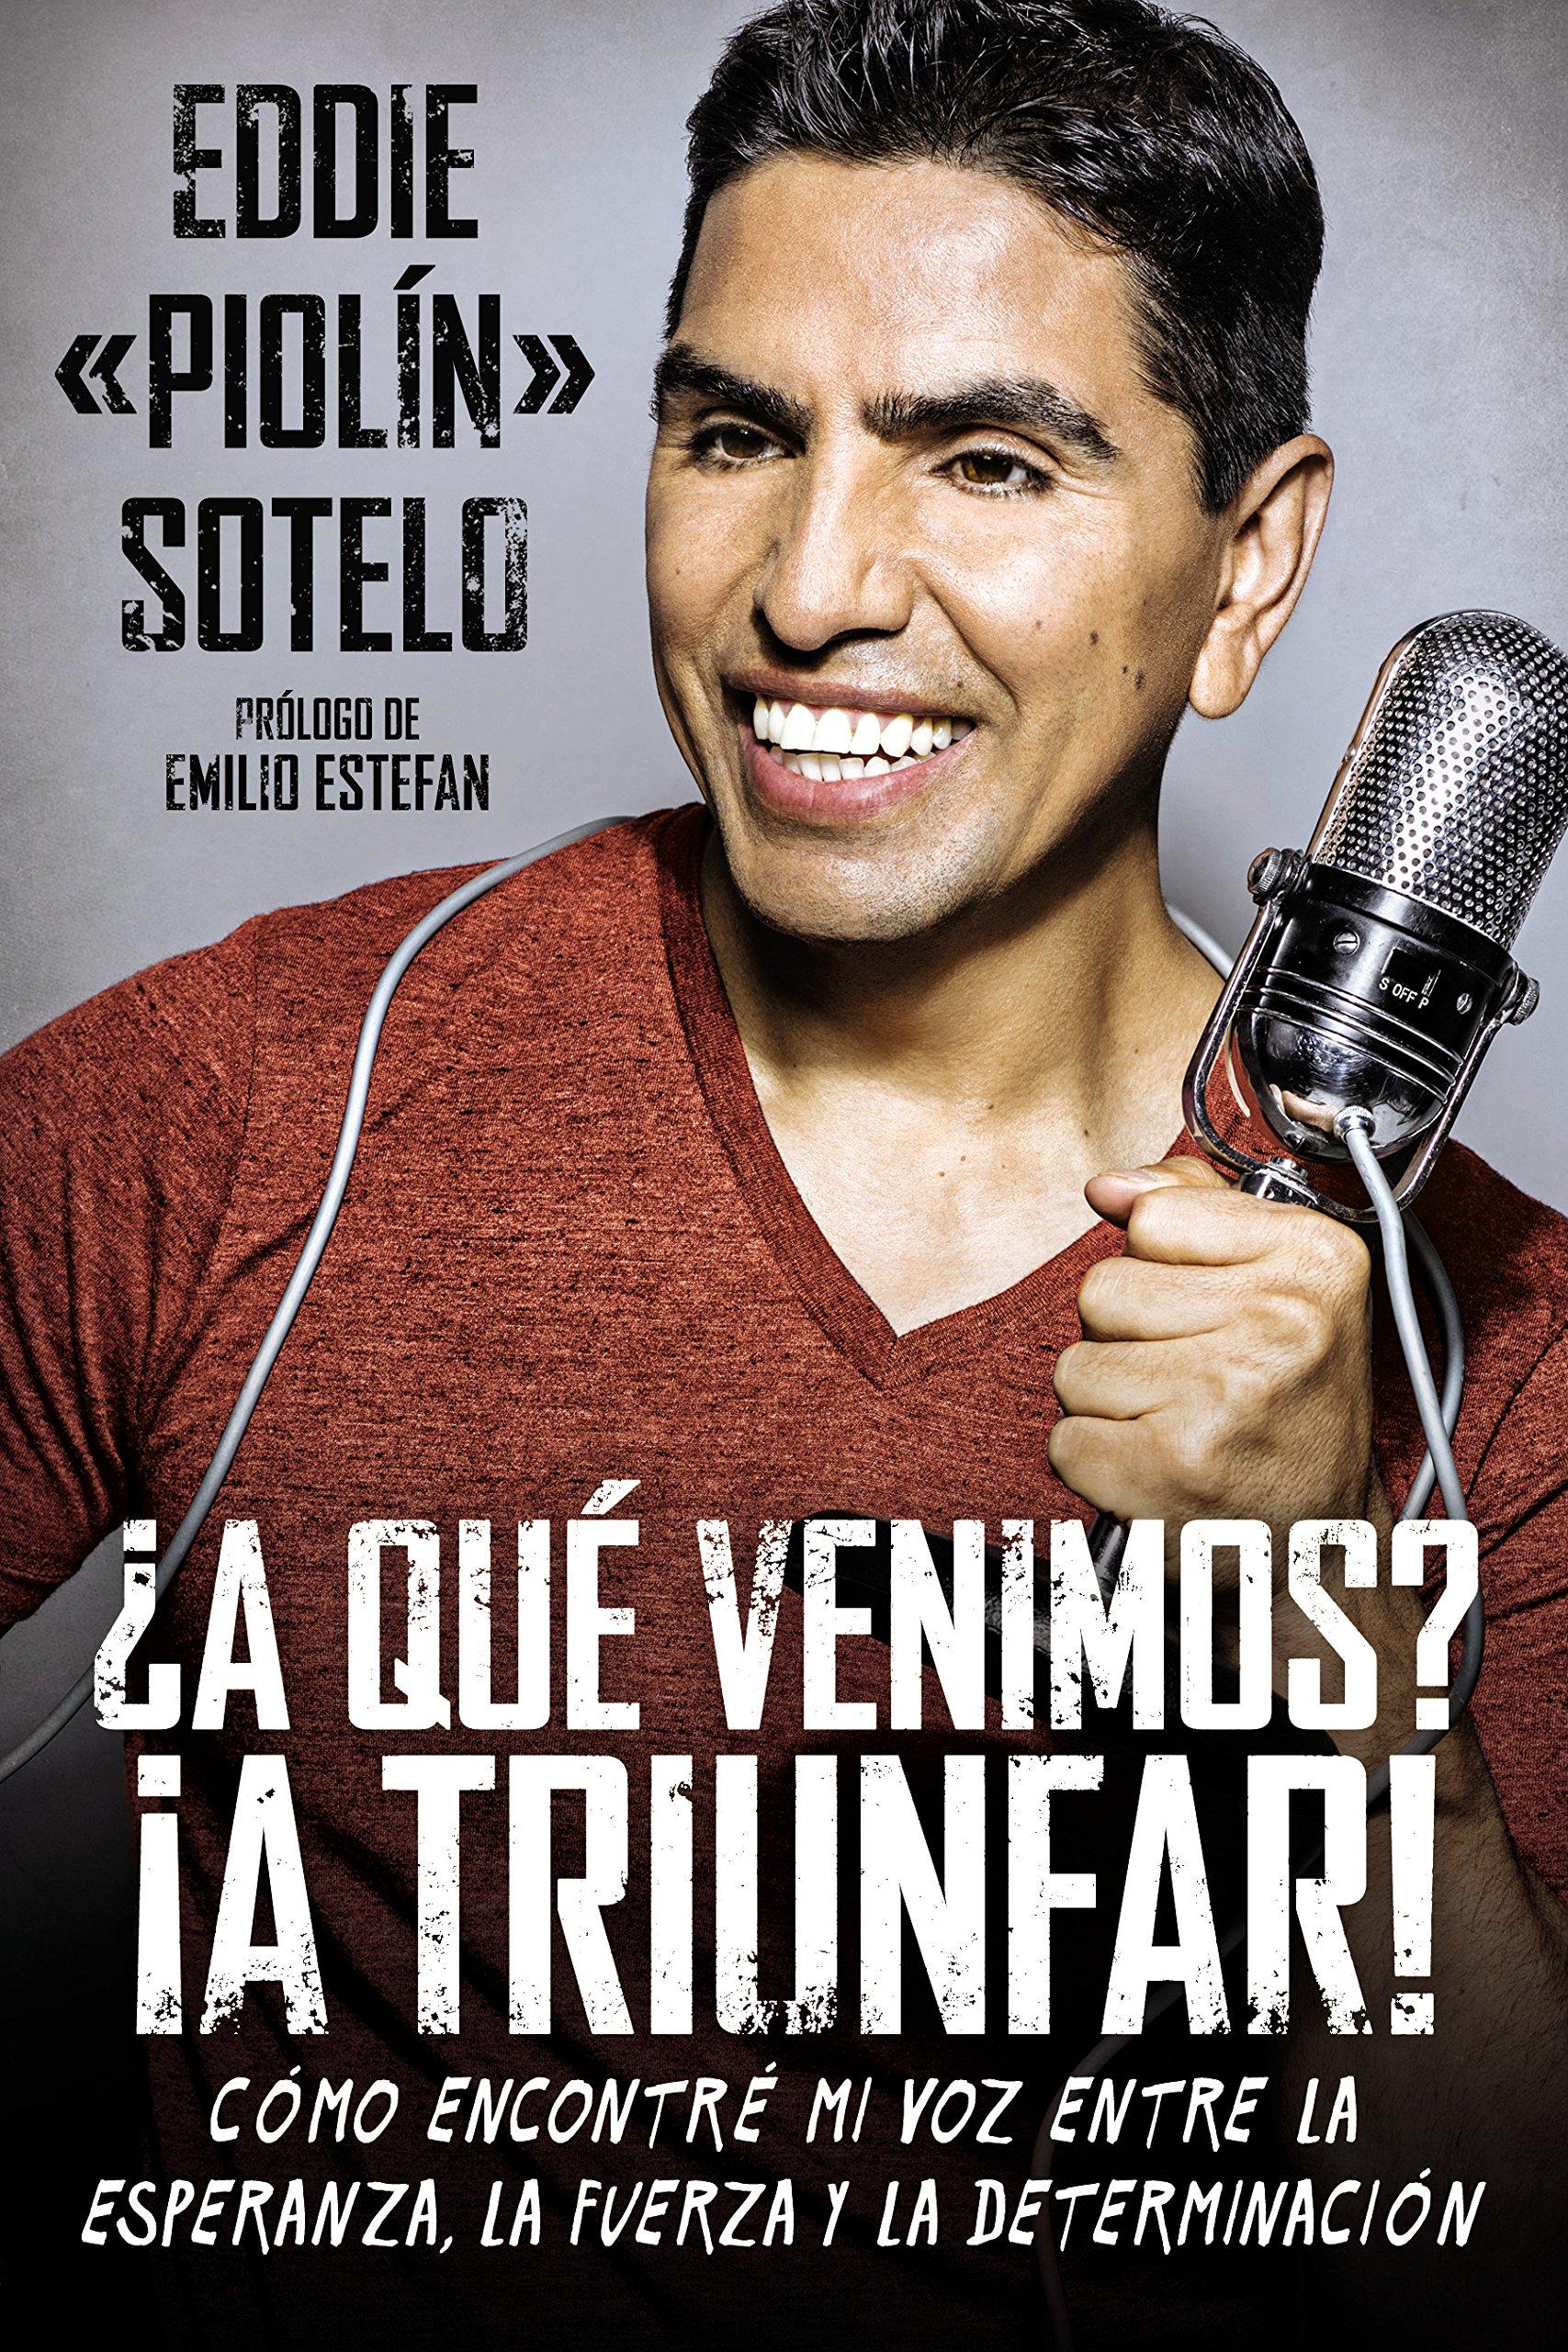 Cómo encontré mi voz entre la esperanza, la fuerza y la determinación (Spanish Edition): Eddie